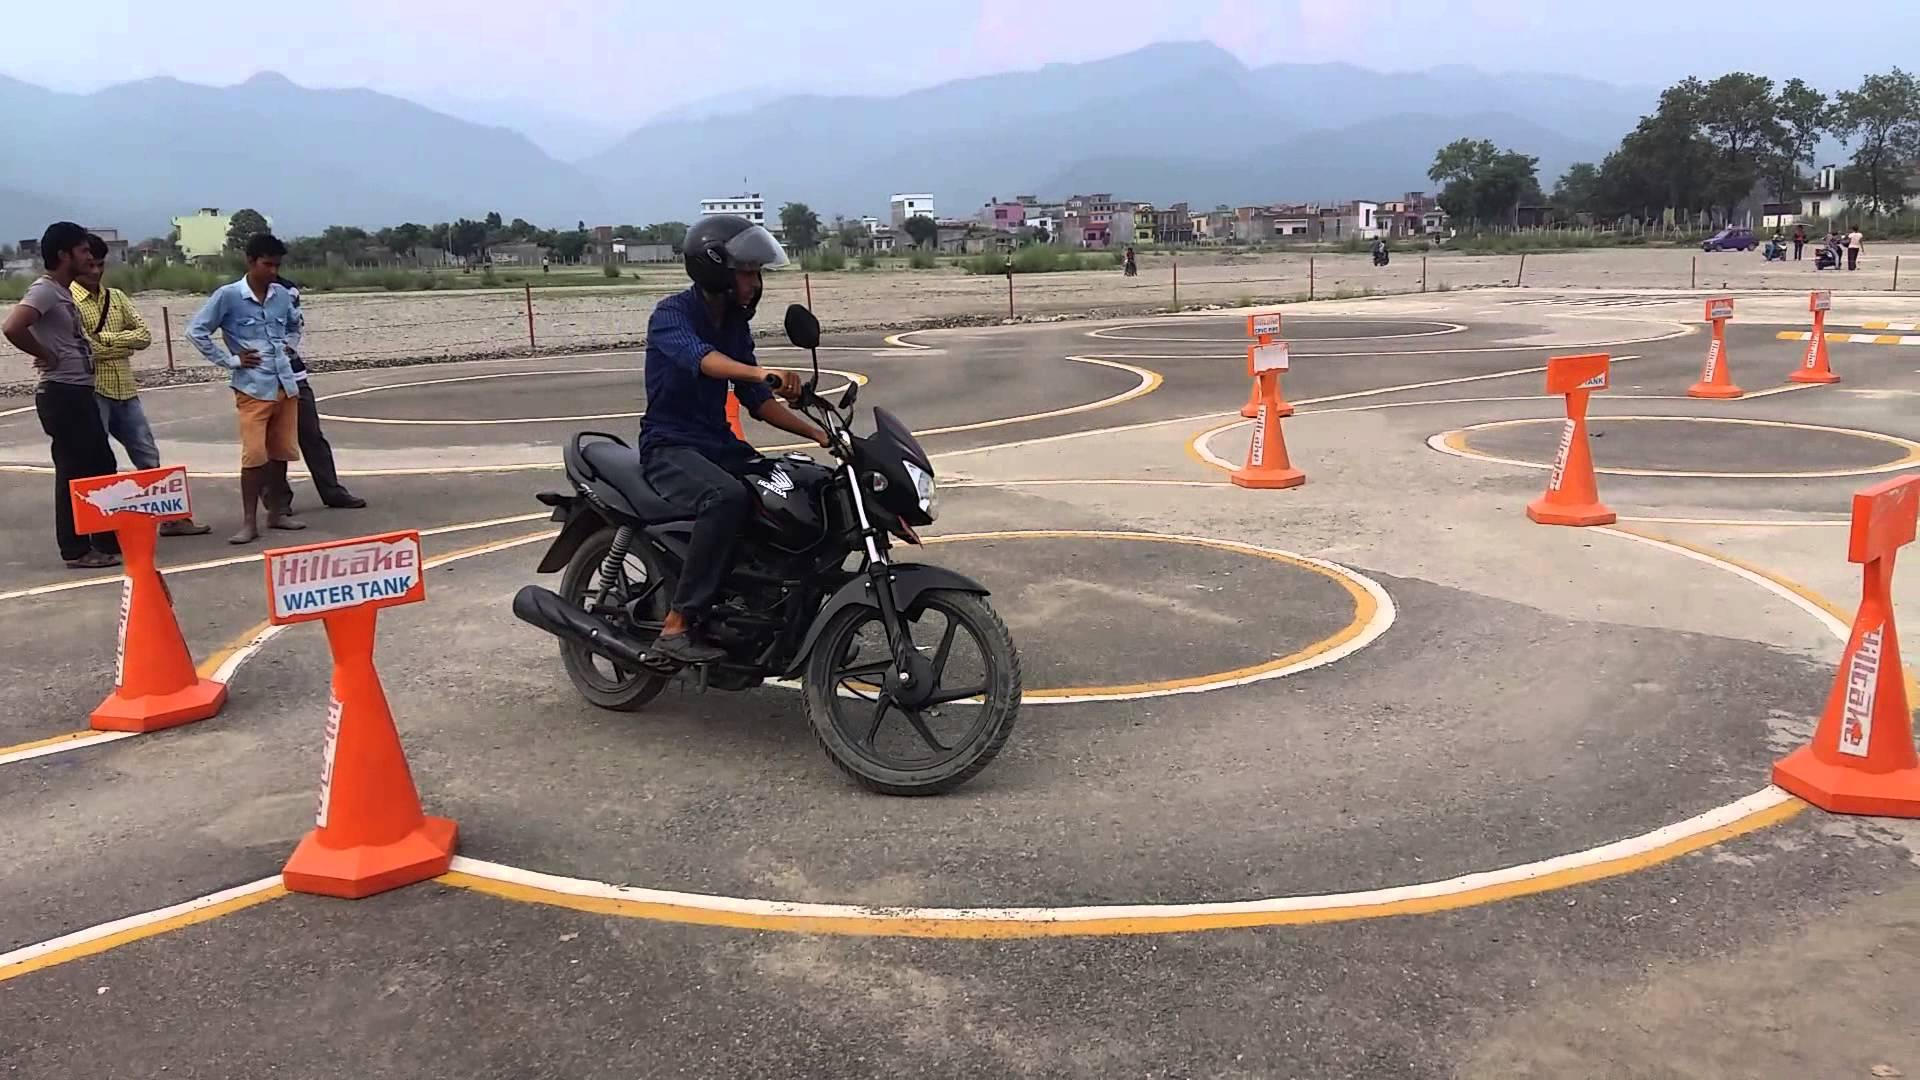 बदलिँदै सवारीको 'ट्रायल' : ६० प्रतिशत अंक ल्याउनेलाई लाइसेन्स दिन प्रस्ताव